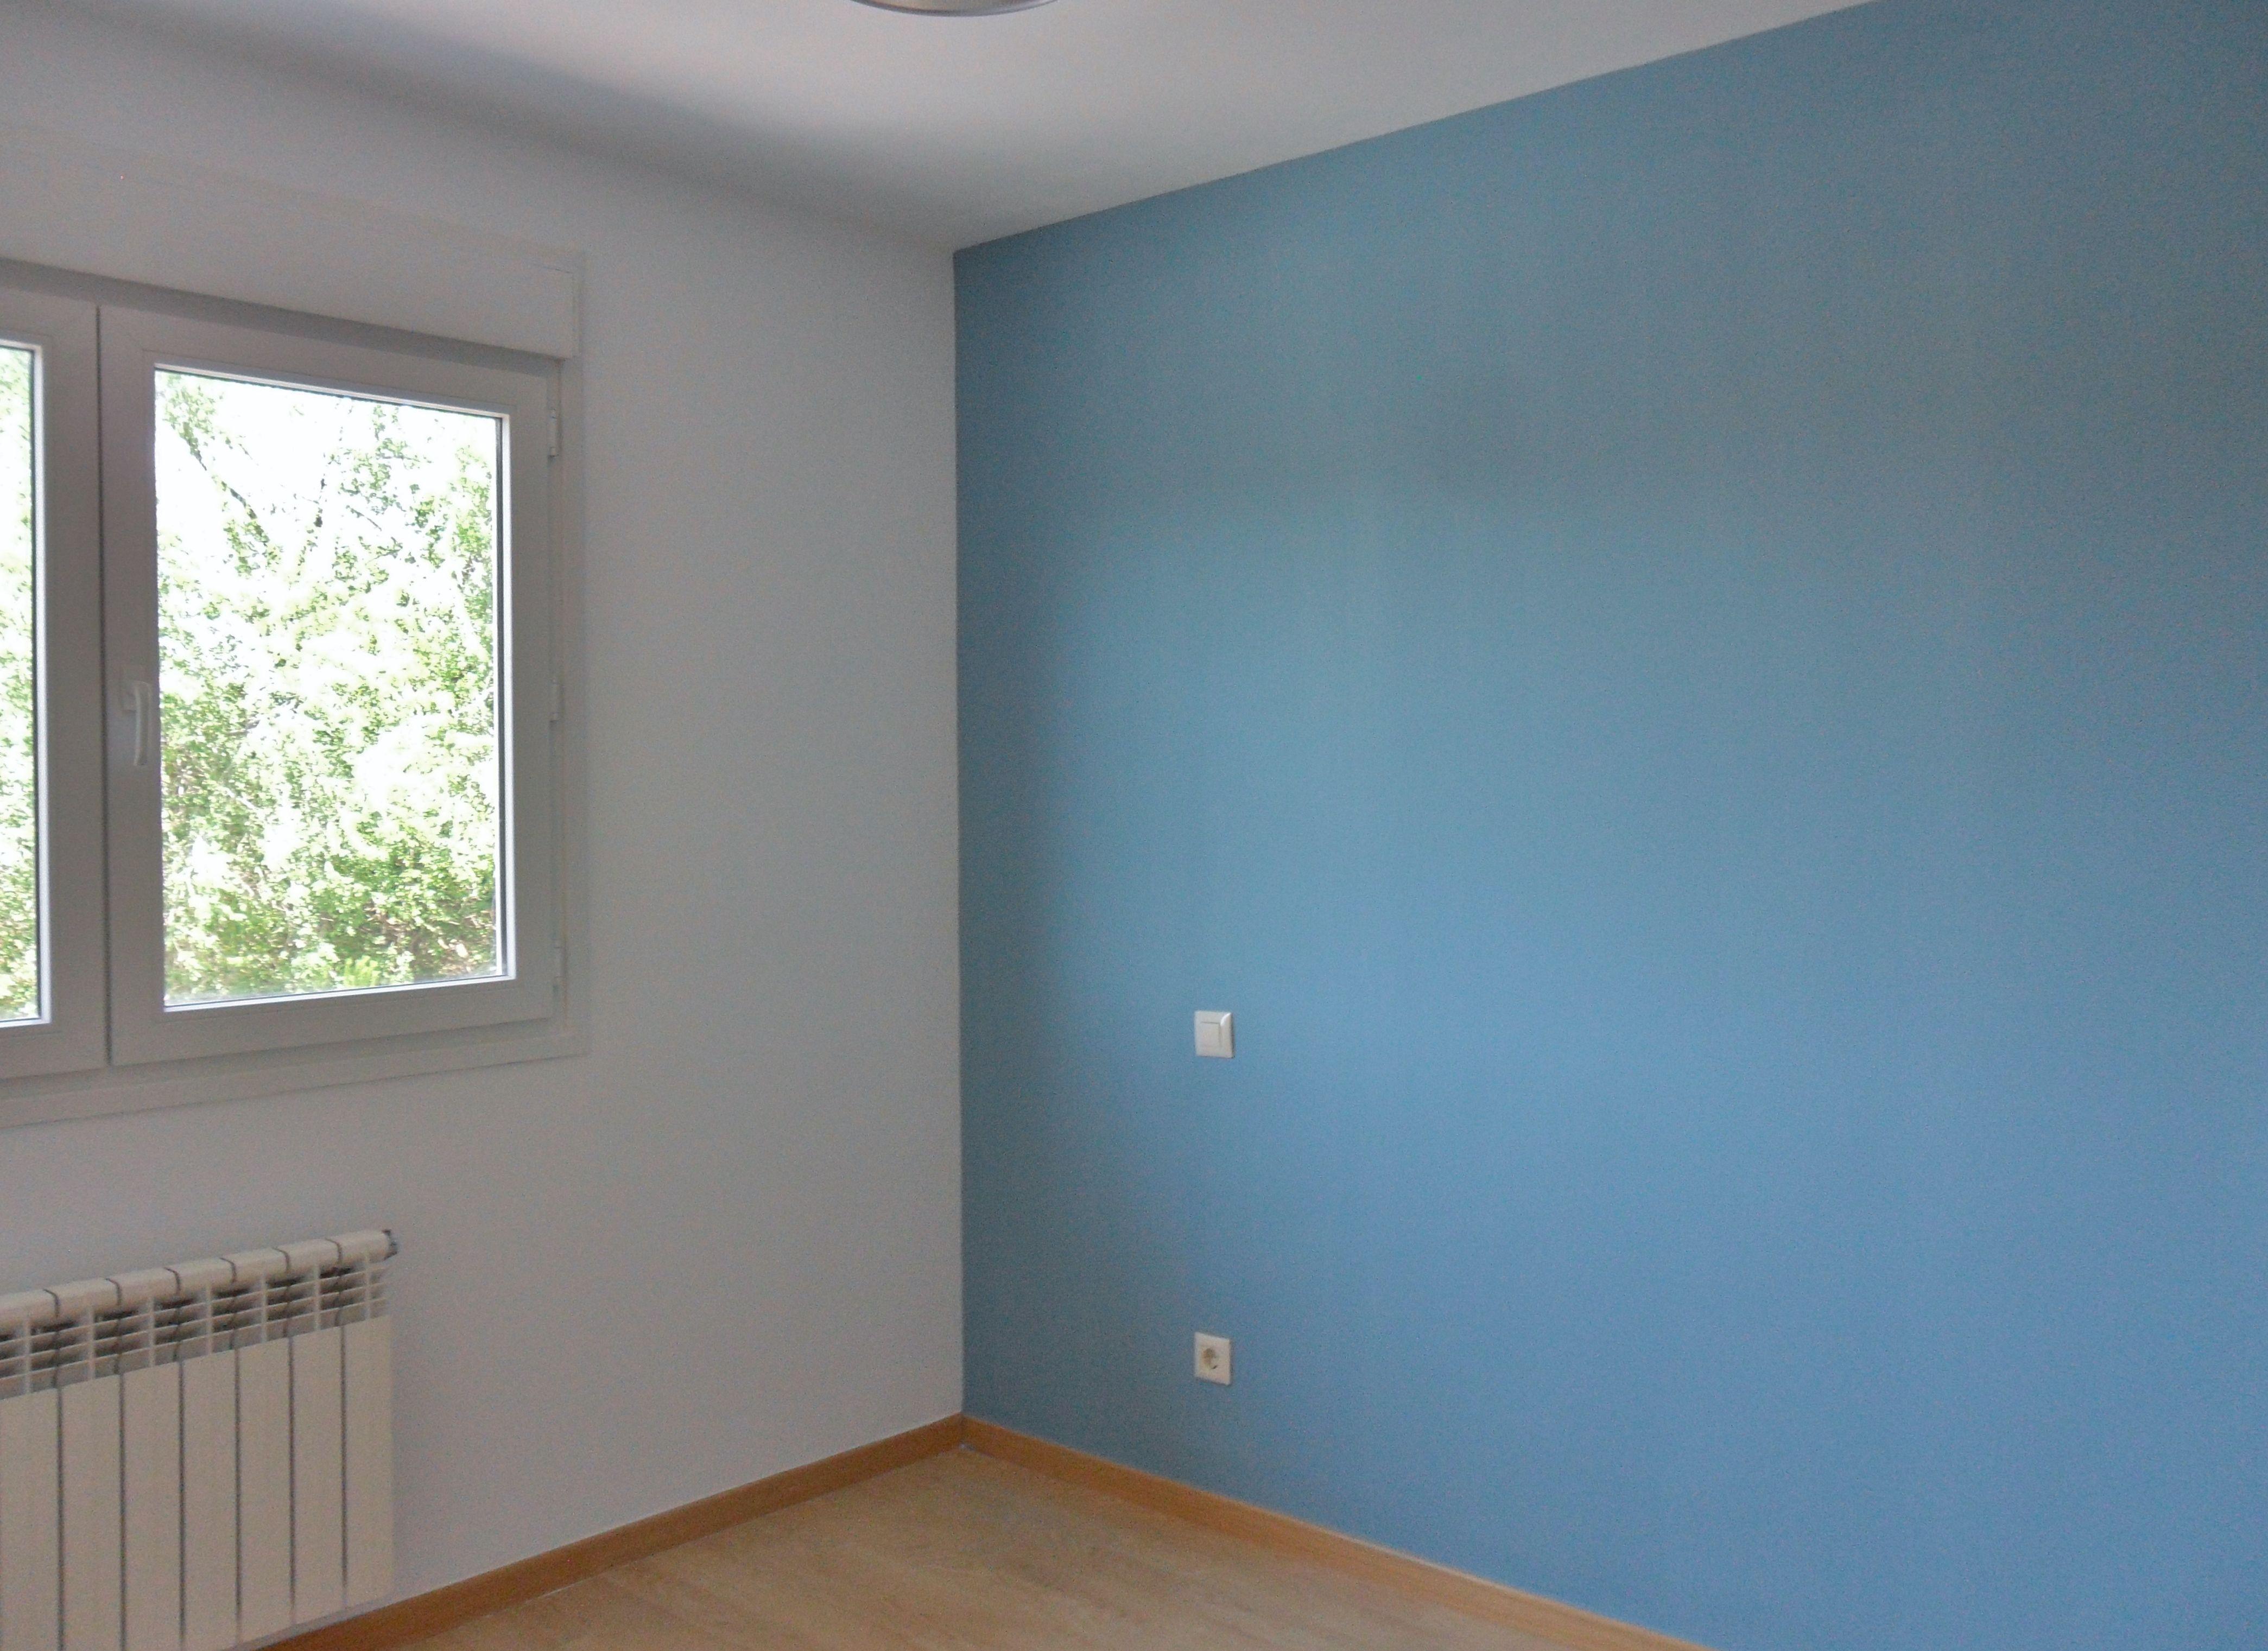 Decoraci N Paredes Pintura Dos Colores Decoracion Paredes  ~ Pintura Decorativa Paredes Interiores